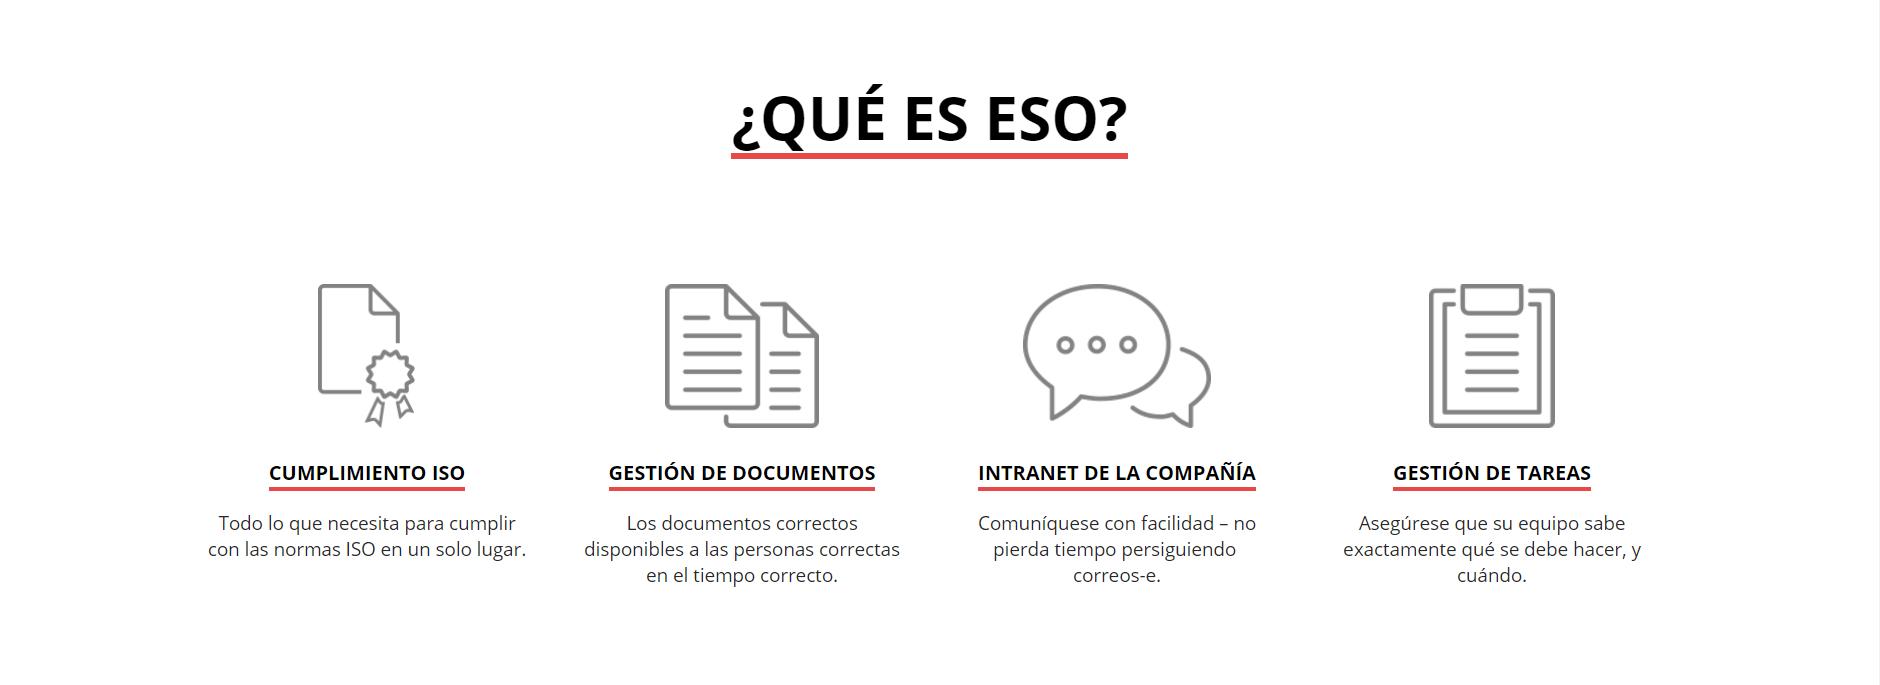 Acerca de la Herramienta Conformio para ISO - Centro de soporte